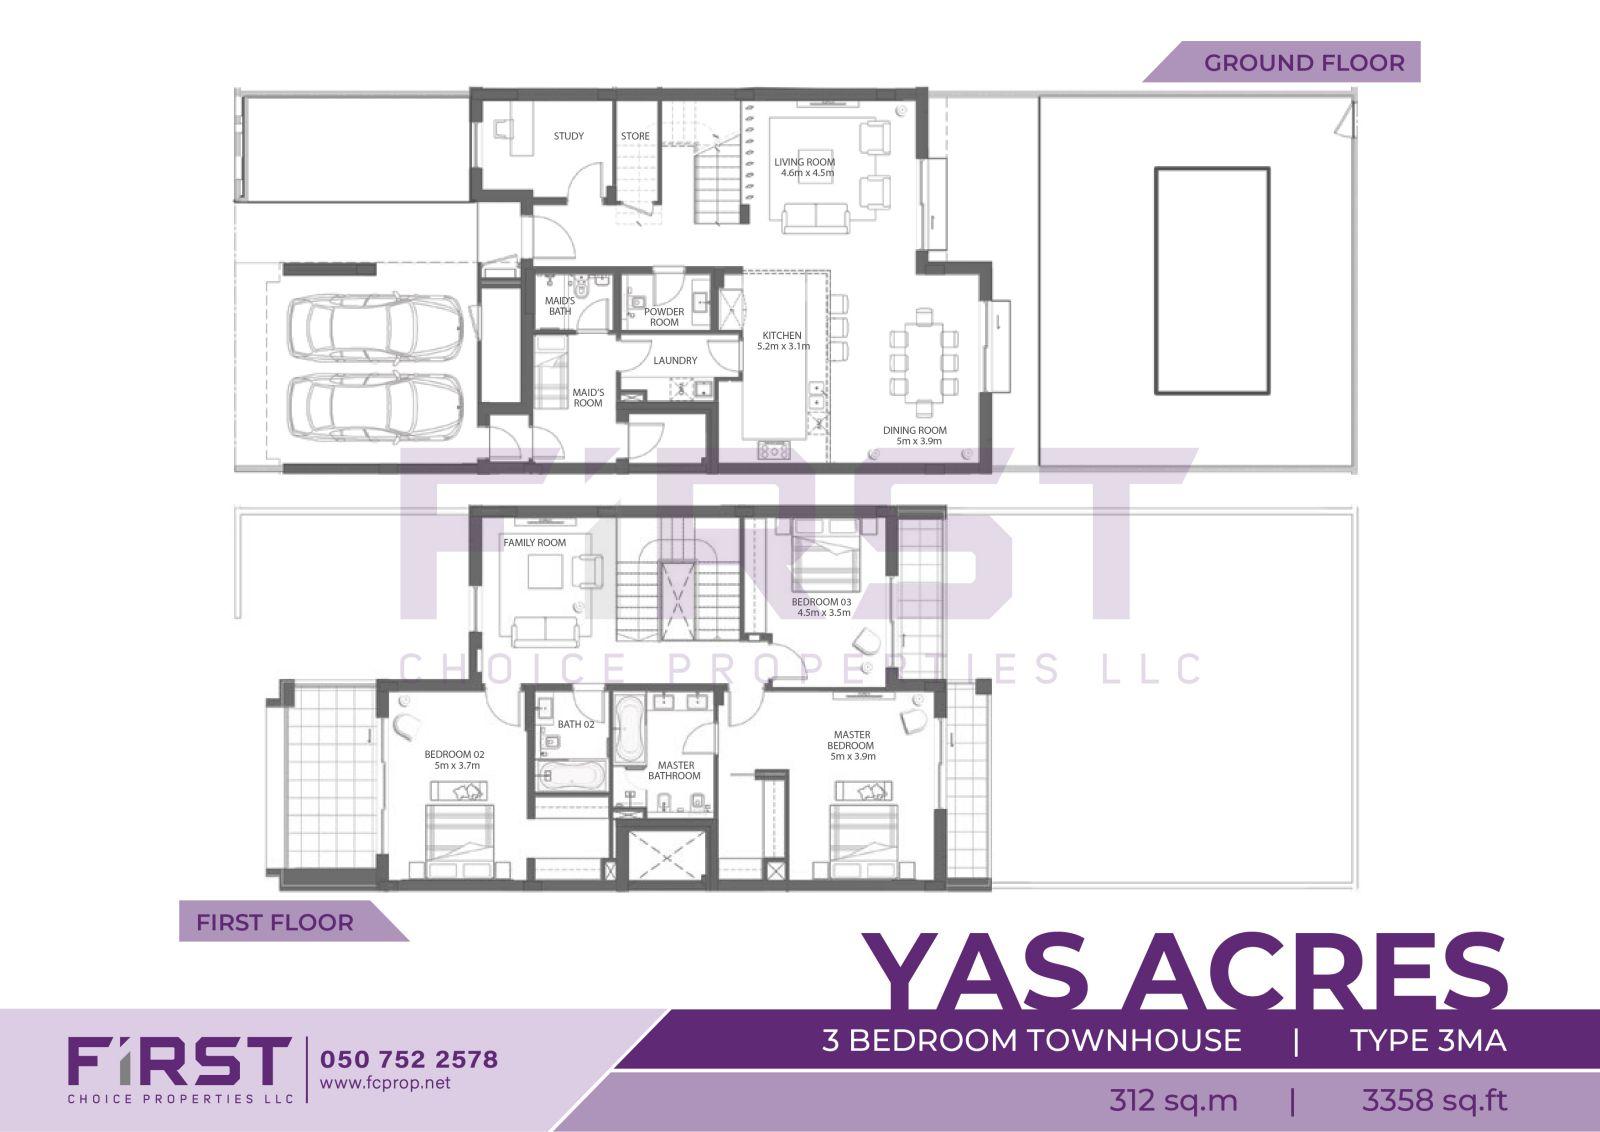 Floor Plan of 3 Bedroom Townhouse Type 3MA in Yas Acres Yas Island Abu Dhabi UAE 312 sq.m 3358 sq.ft.jpg